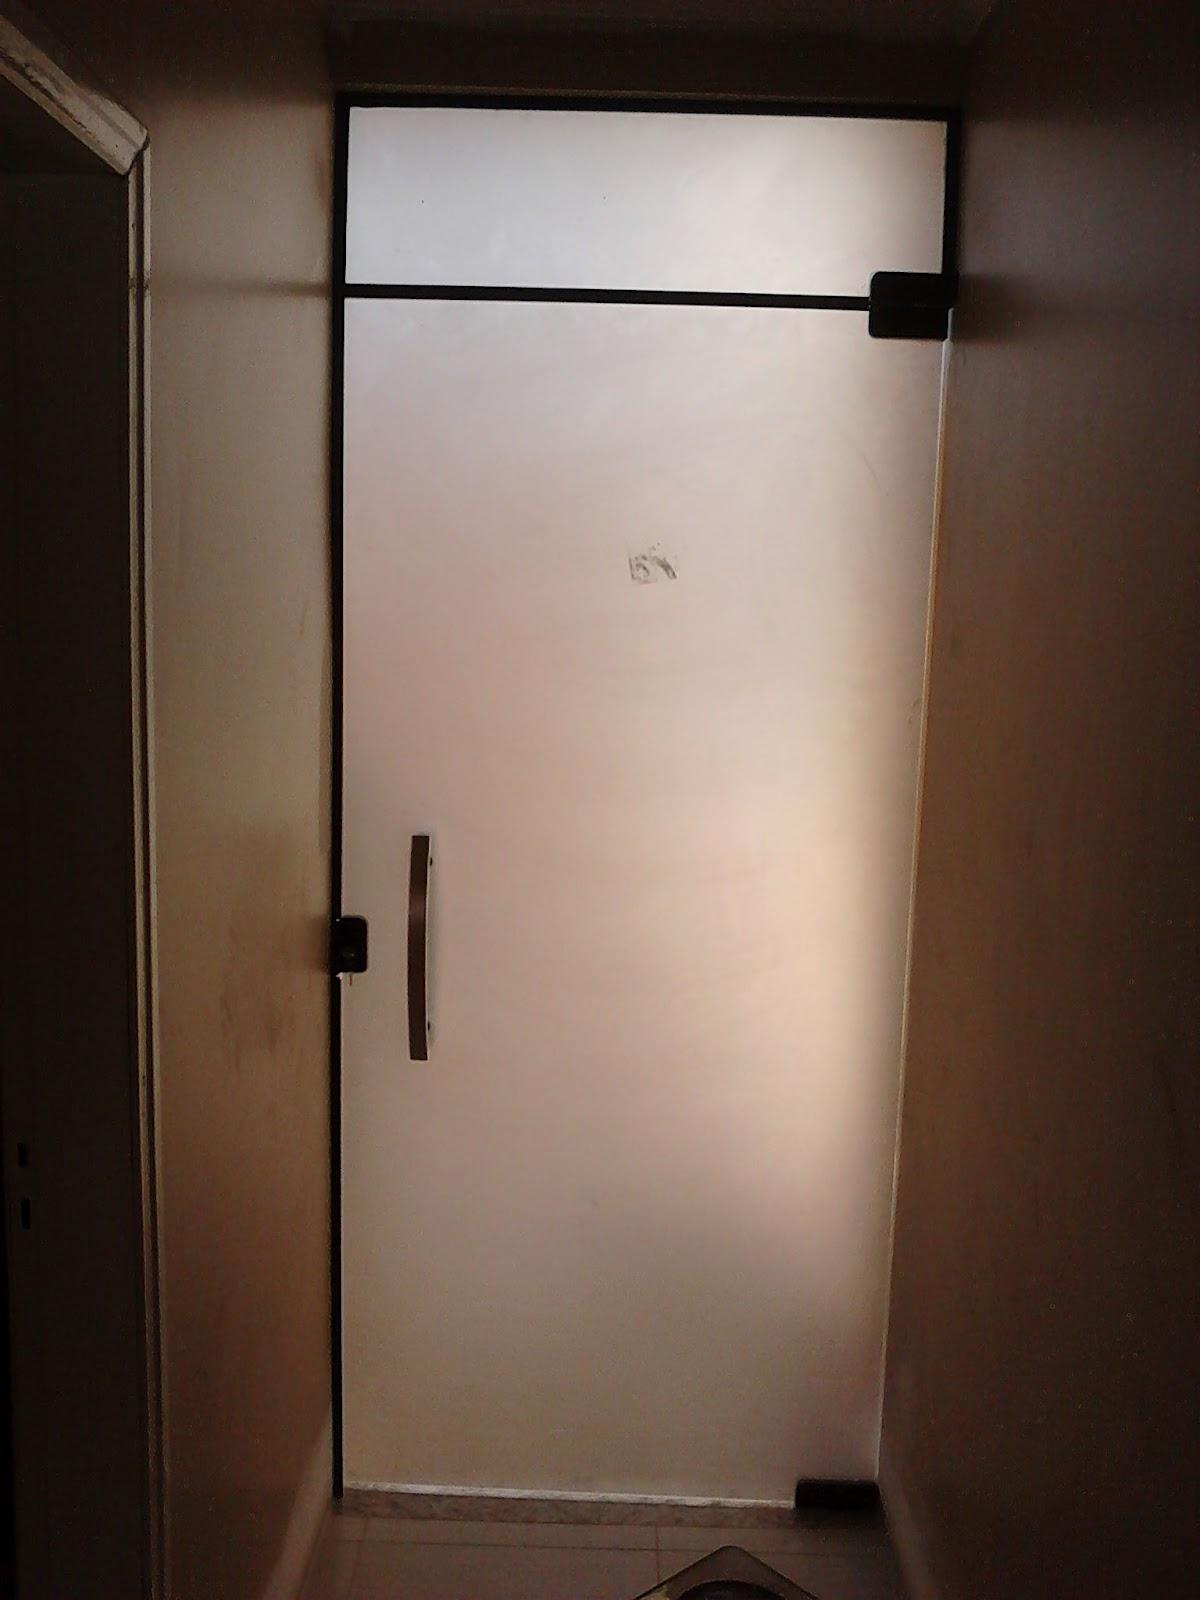 #2C1C15 Porta Incolor com seu vidro jateado vista do lado de fora e dentro. 496 Janelas E Portas De Aluminio Em Juiz De Fora